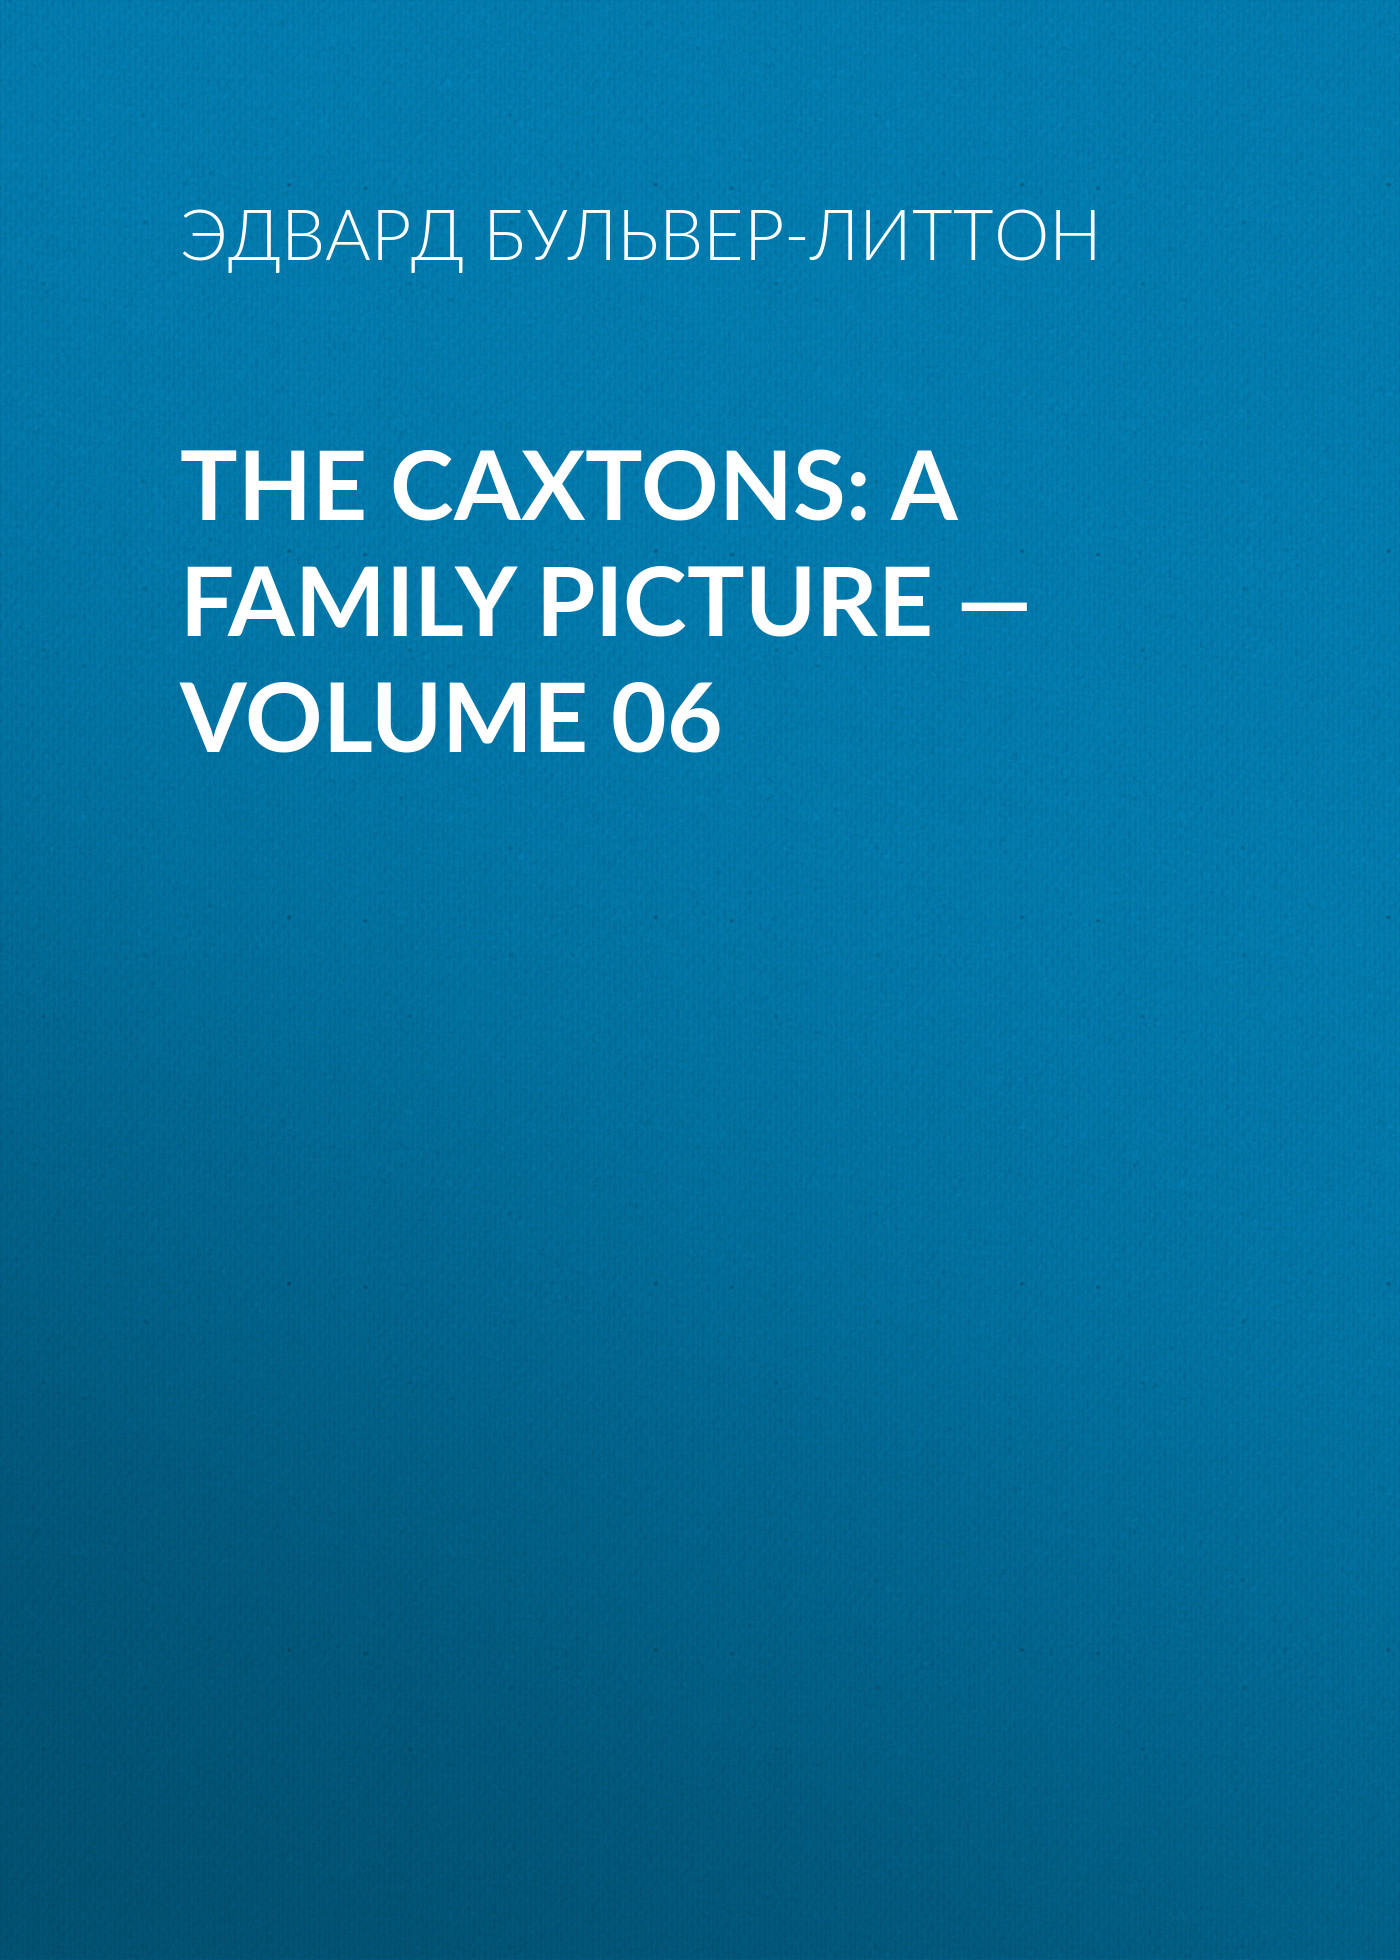 Эдвард Бульвер-Литтон The Caxtons: A Family Picture — Volume 06 эдвард бульвер литтон a strange story volume 06